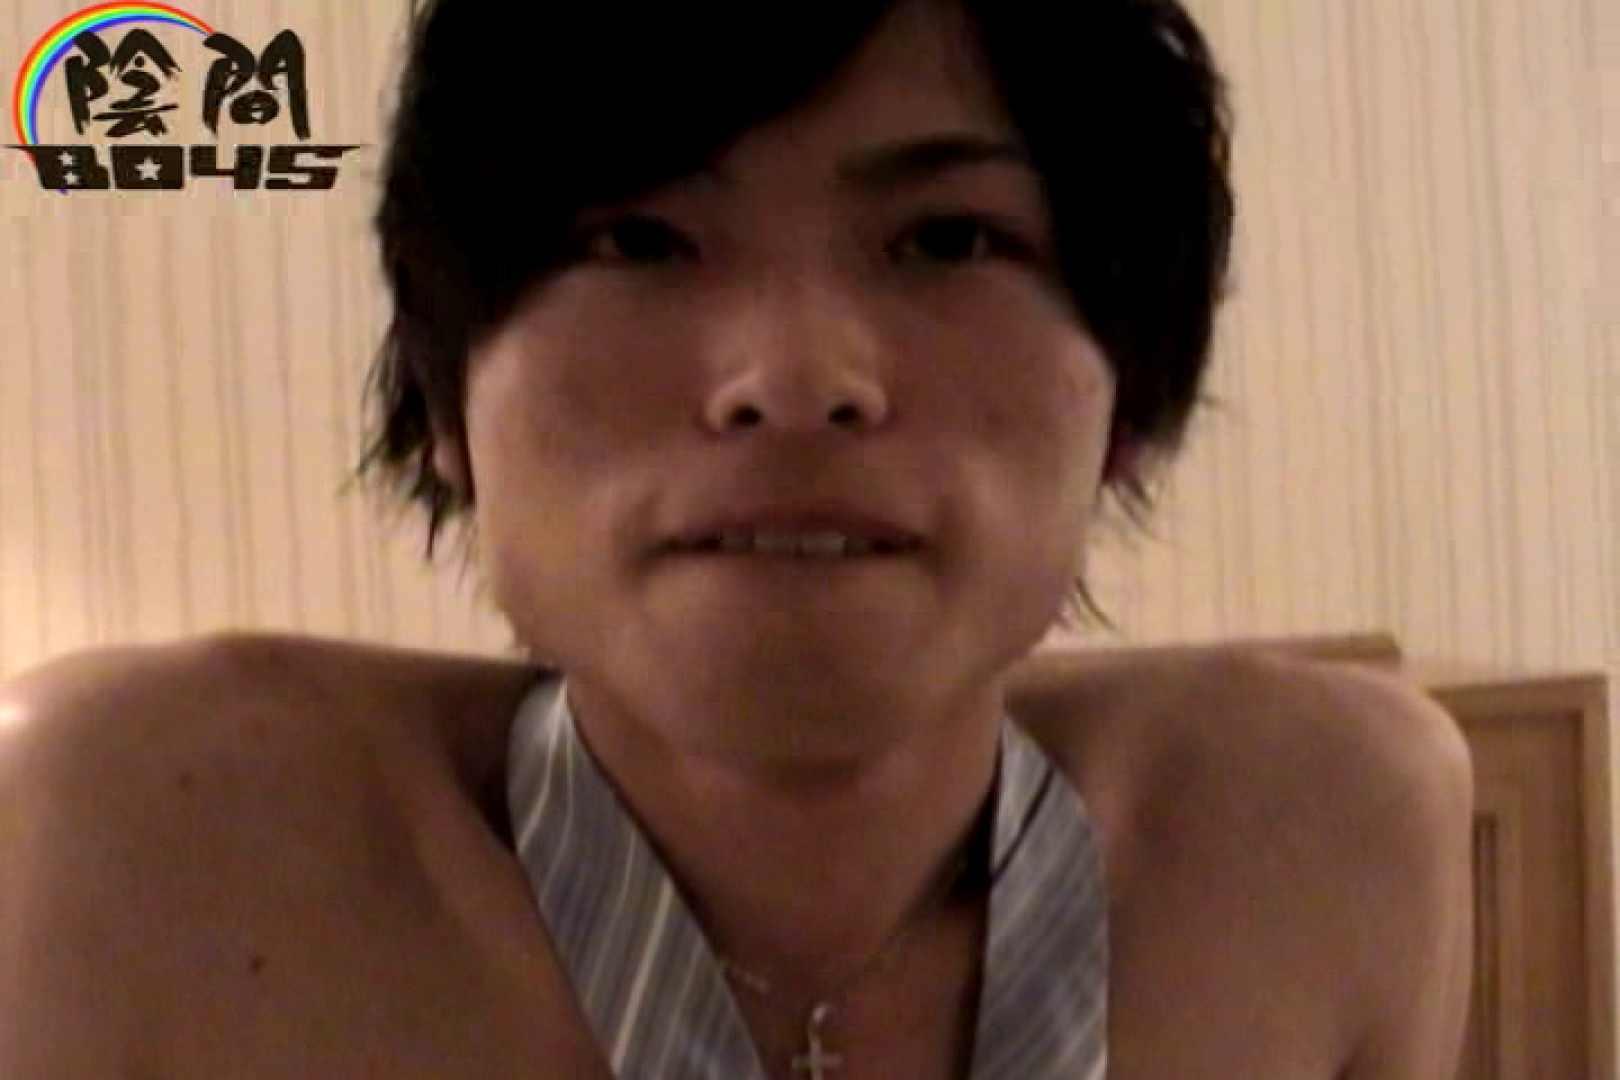 陰間BOYS~IKEMEN Interview~02 大学生ボーイズ ちんこ画像 105枚 64